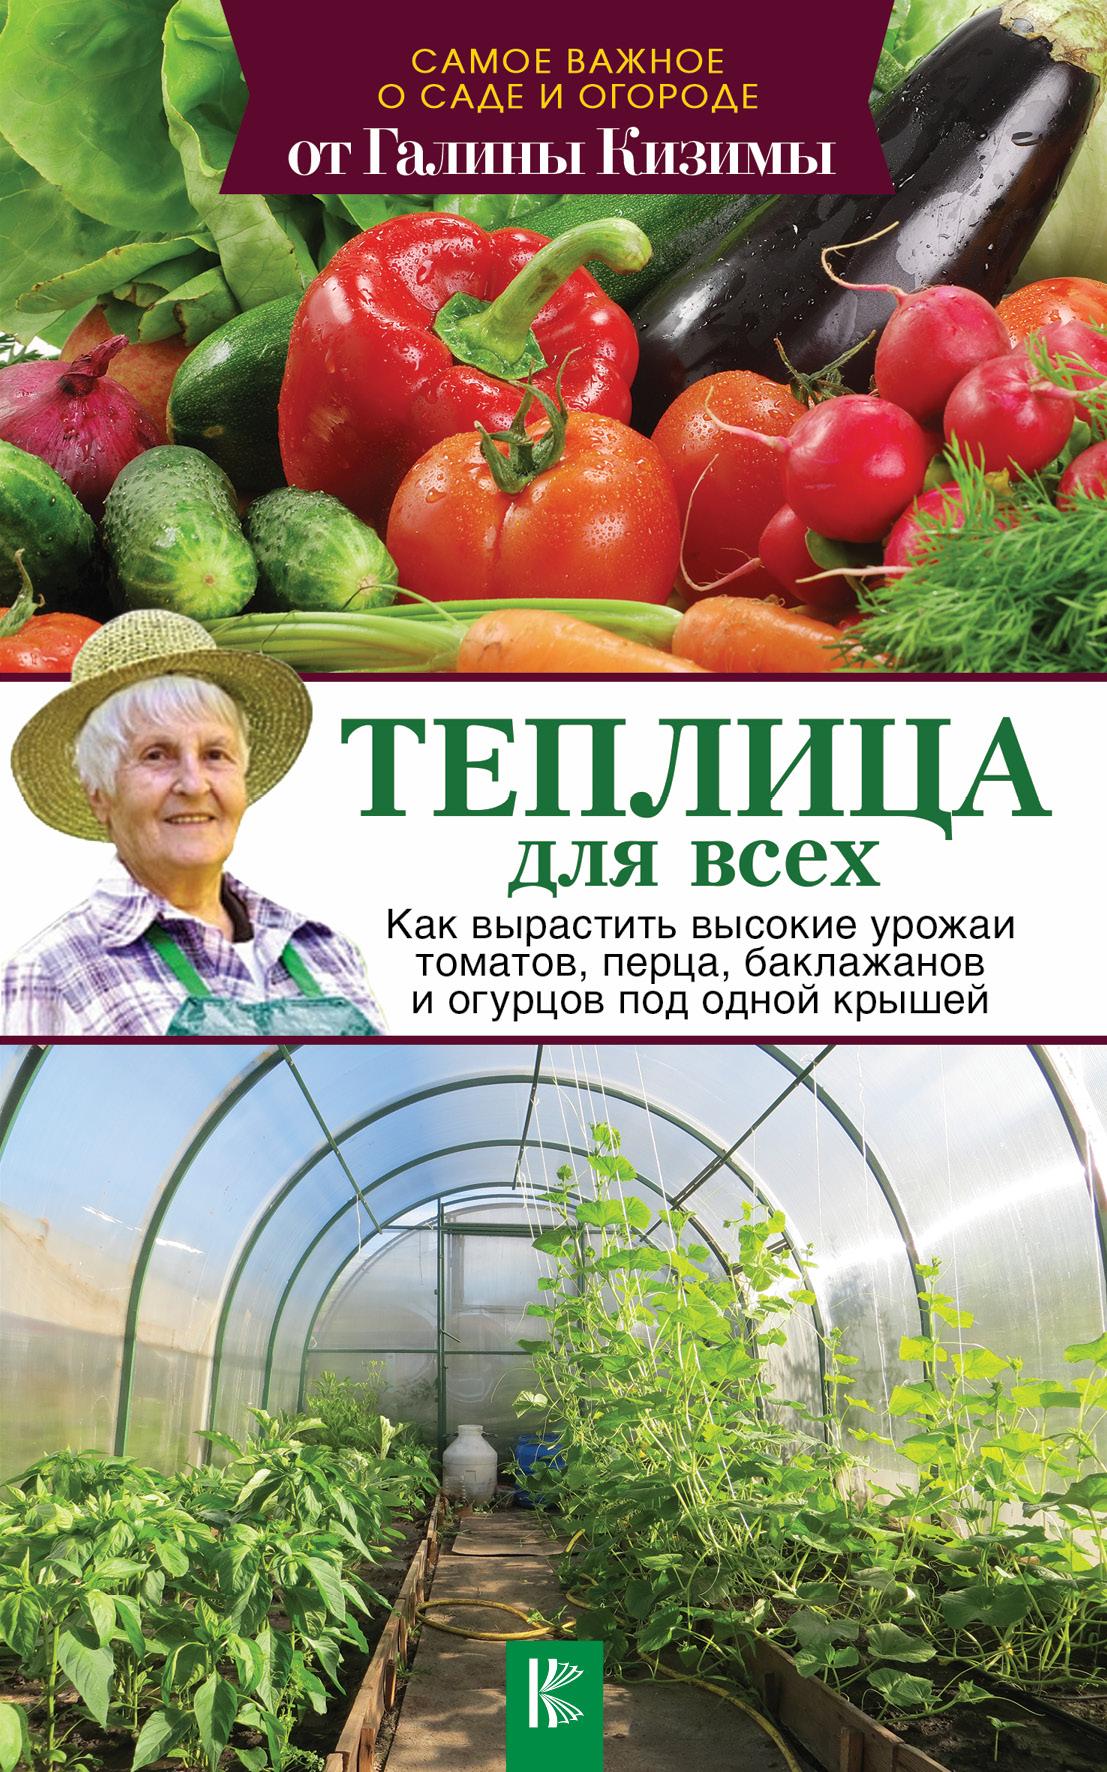 Г. А. Кизима Теплица для всех. Как вырастить высокие урожаи томатов, перца, баклажанов и огурцов под одной крышей